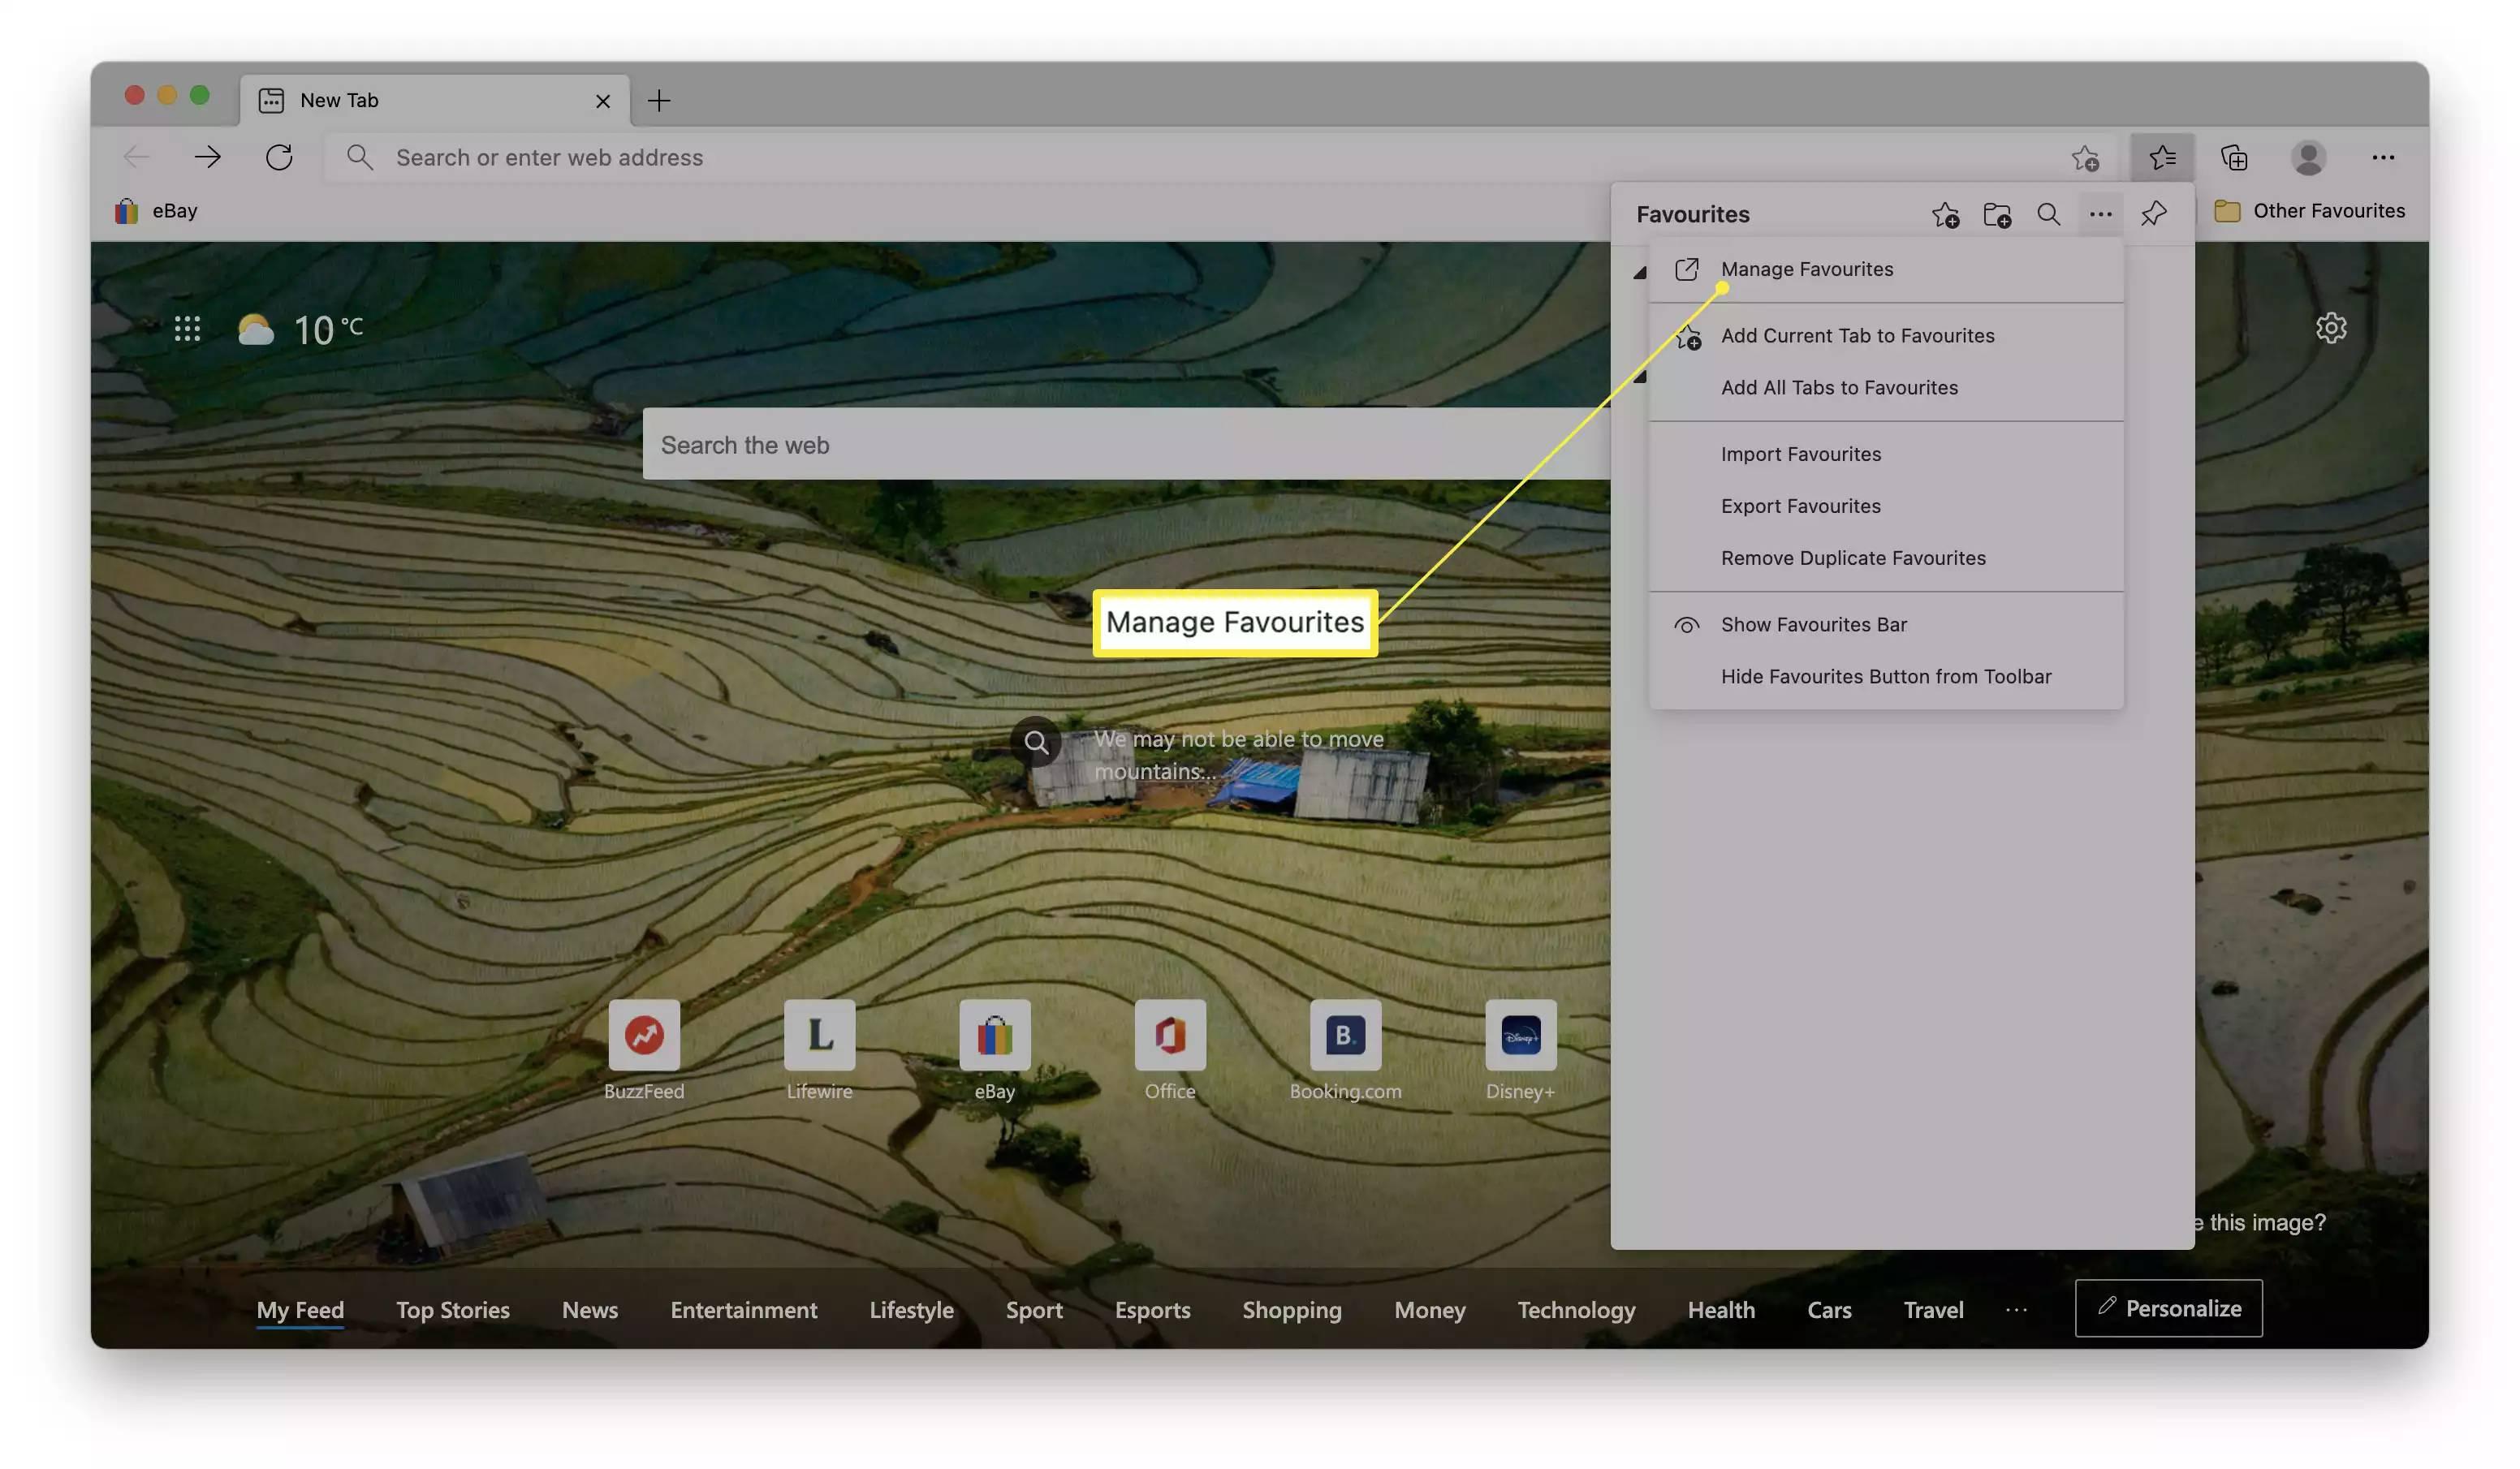 如何在Microsoft Edge上删除单个收藏夹